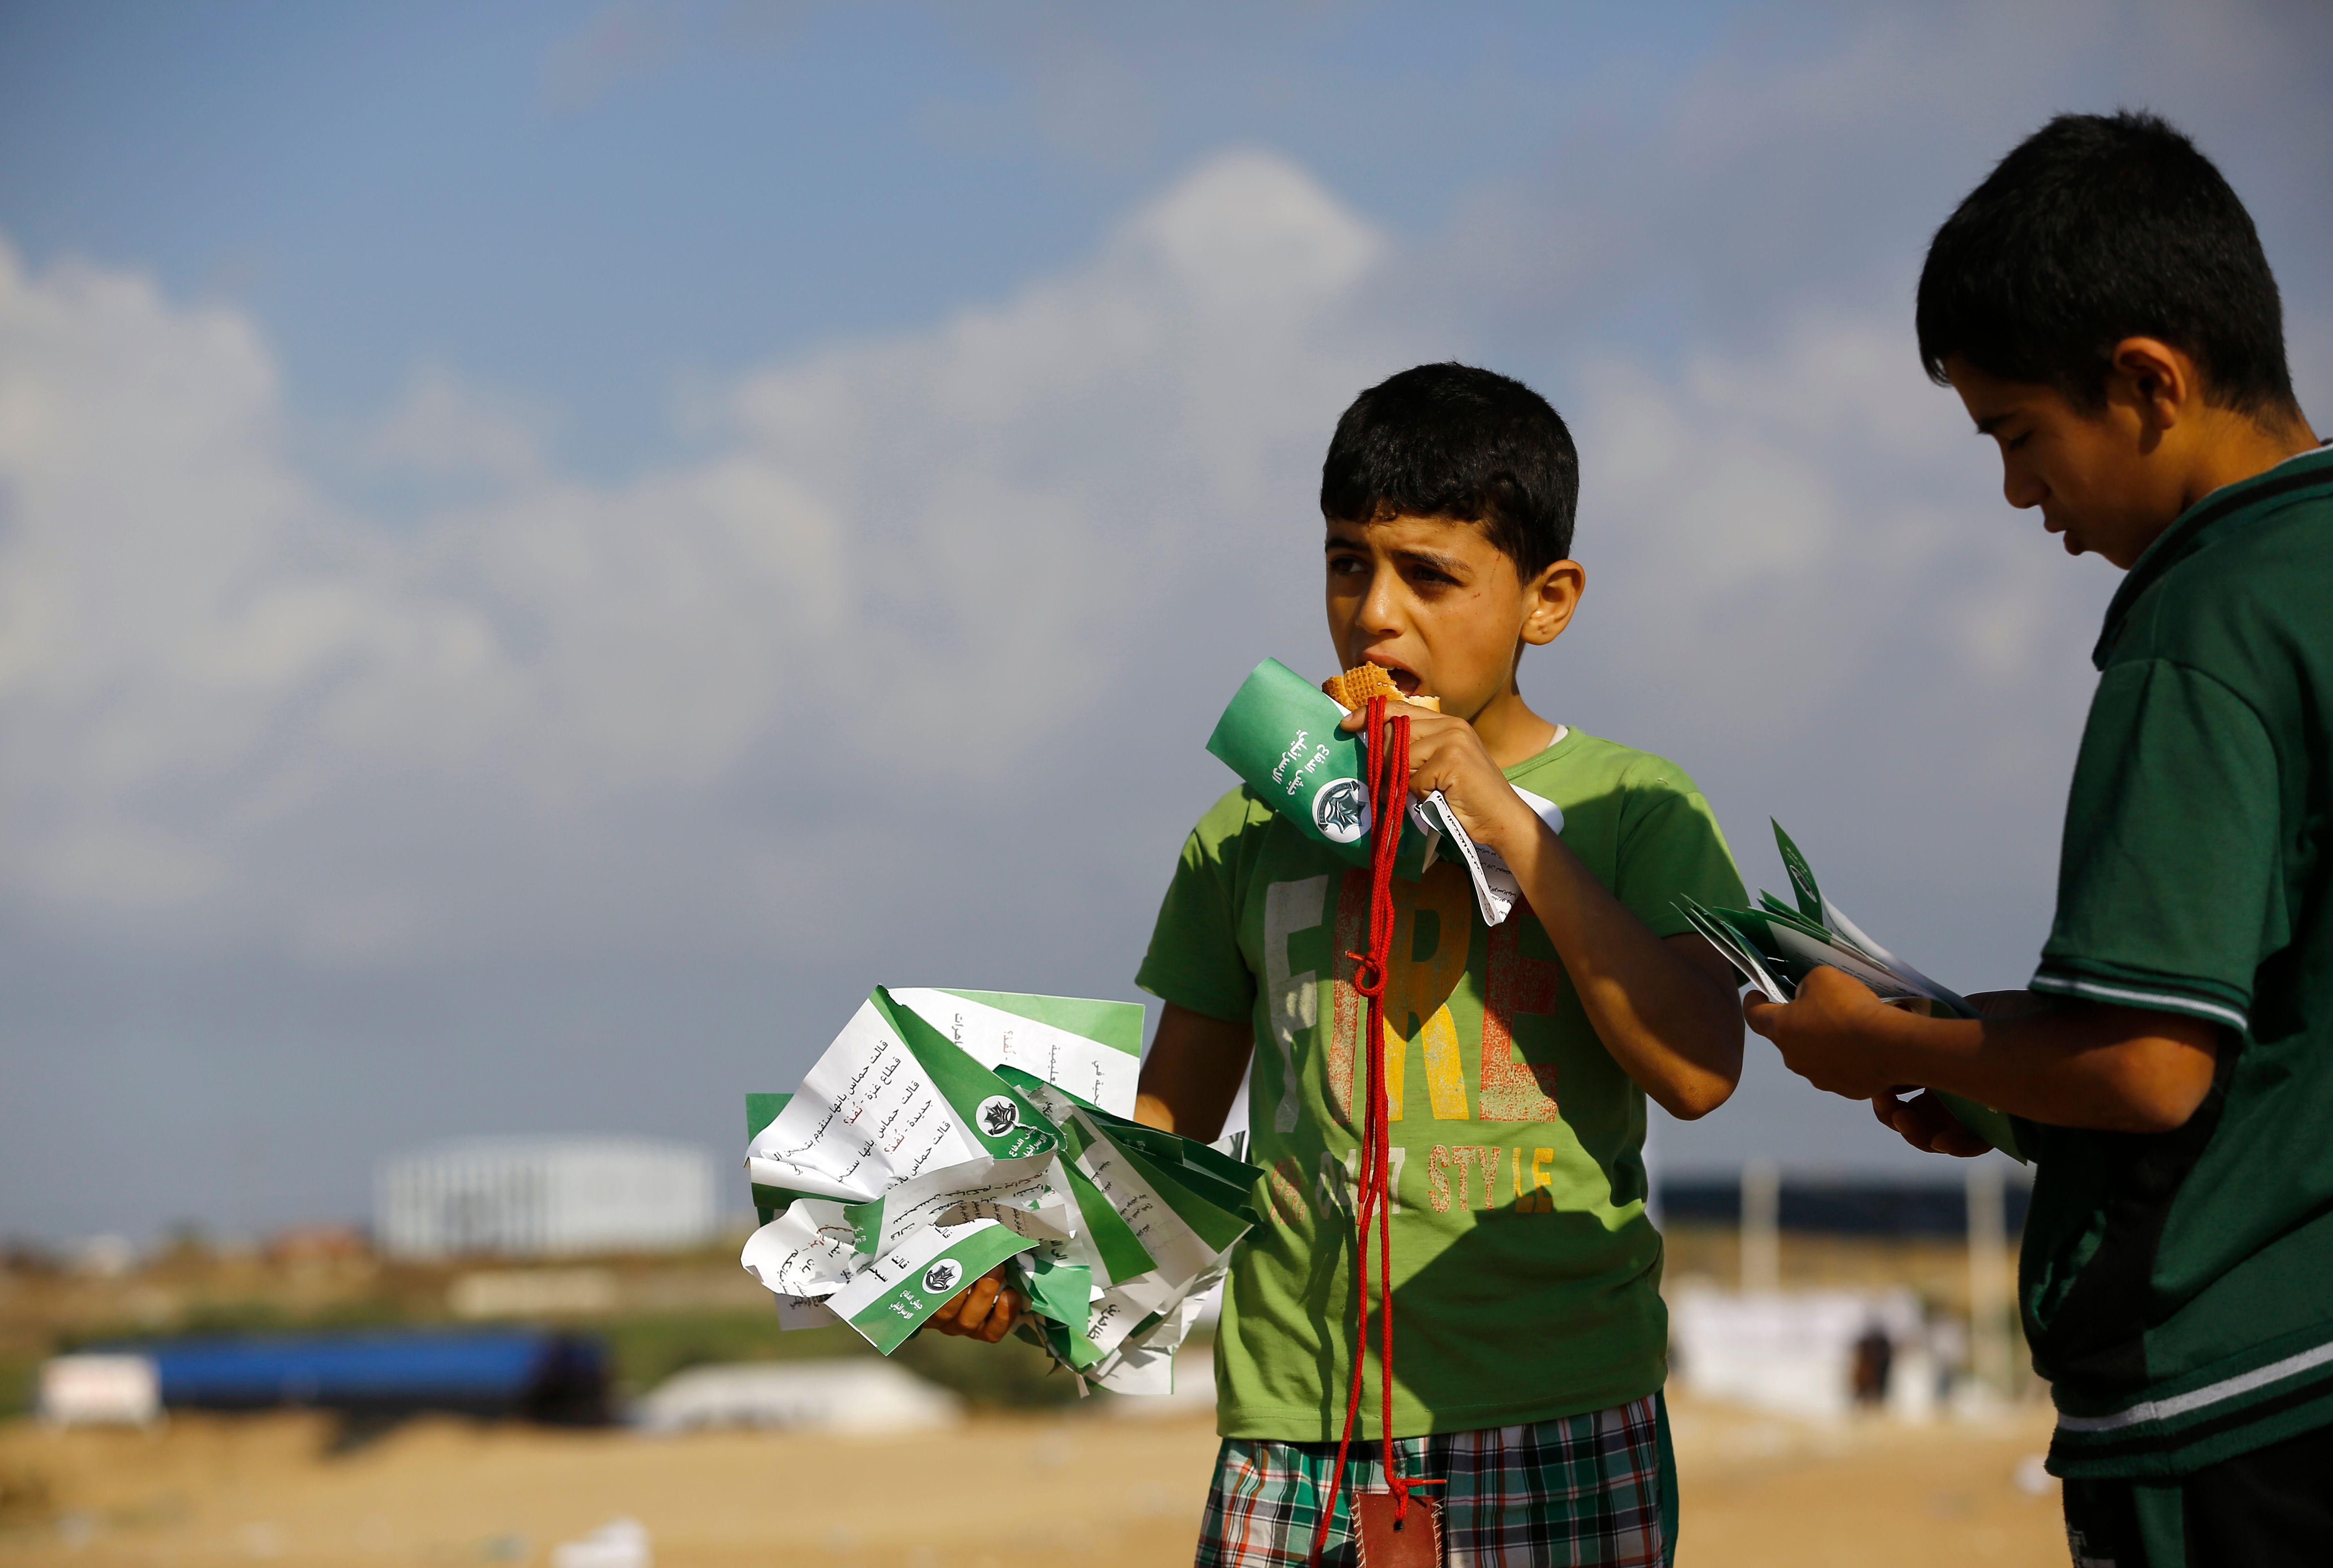 طفل فلسطينى يحمل منشورات التحذير الإسرائيلية